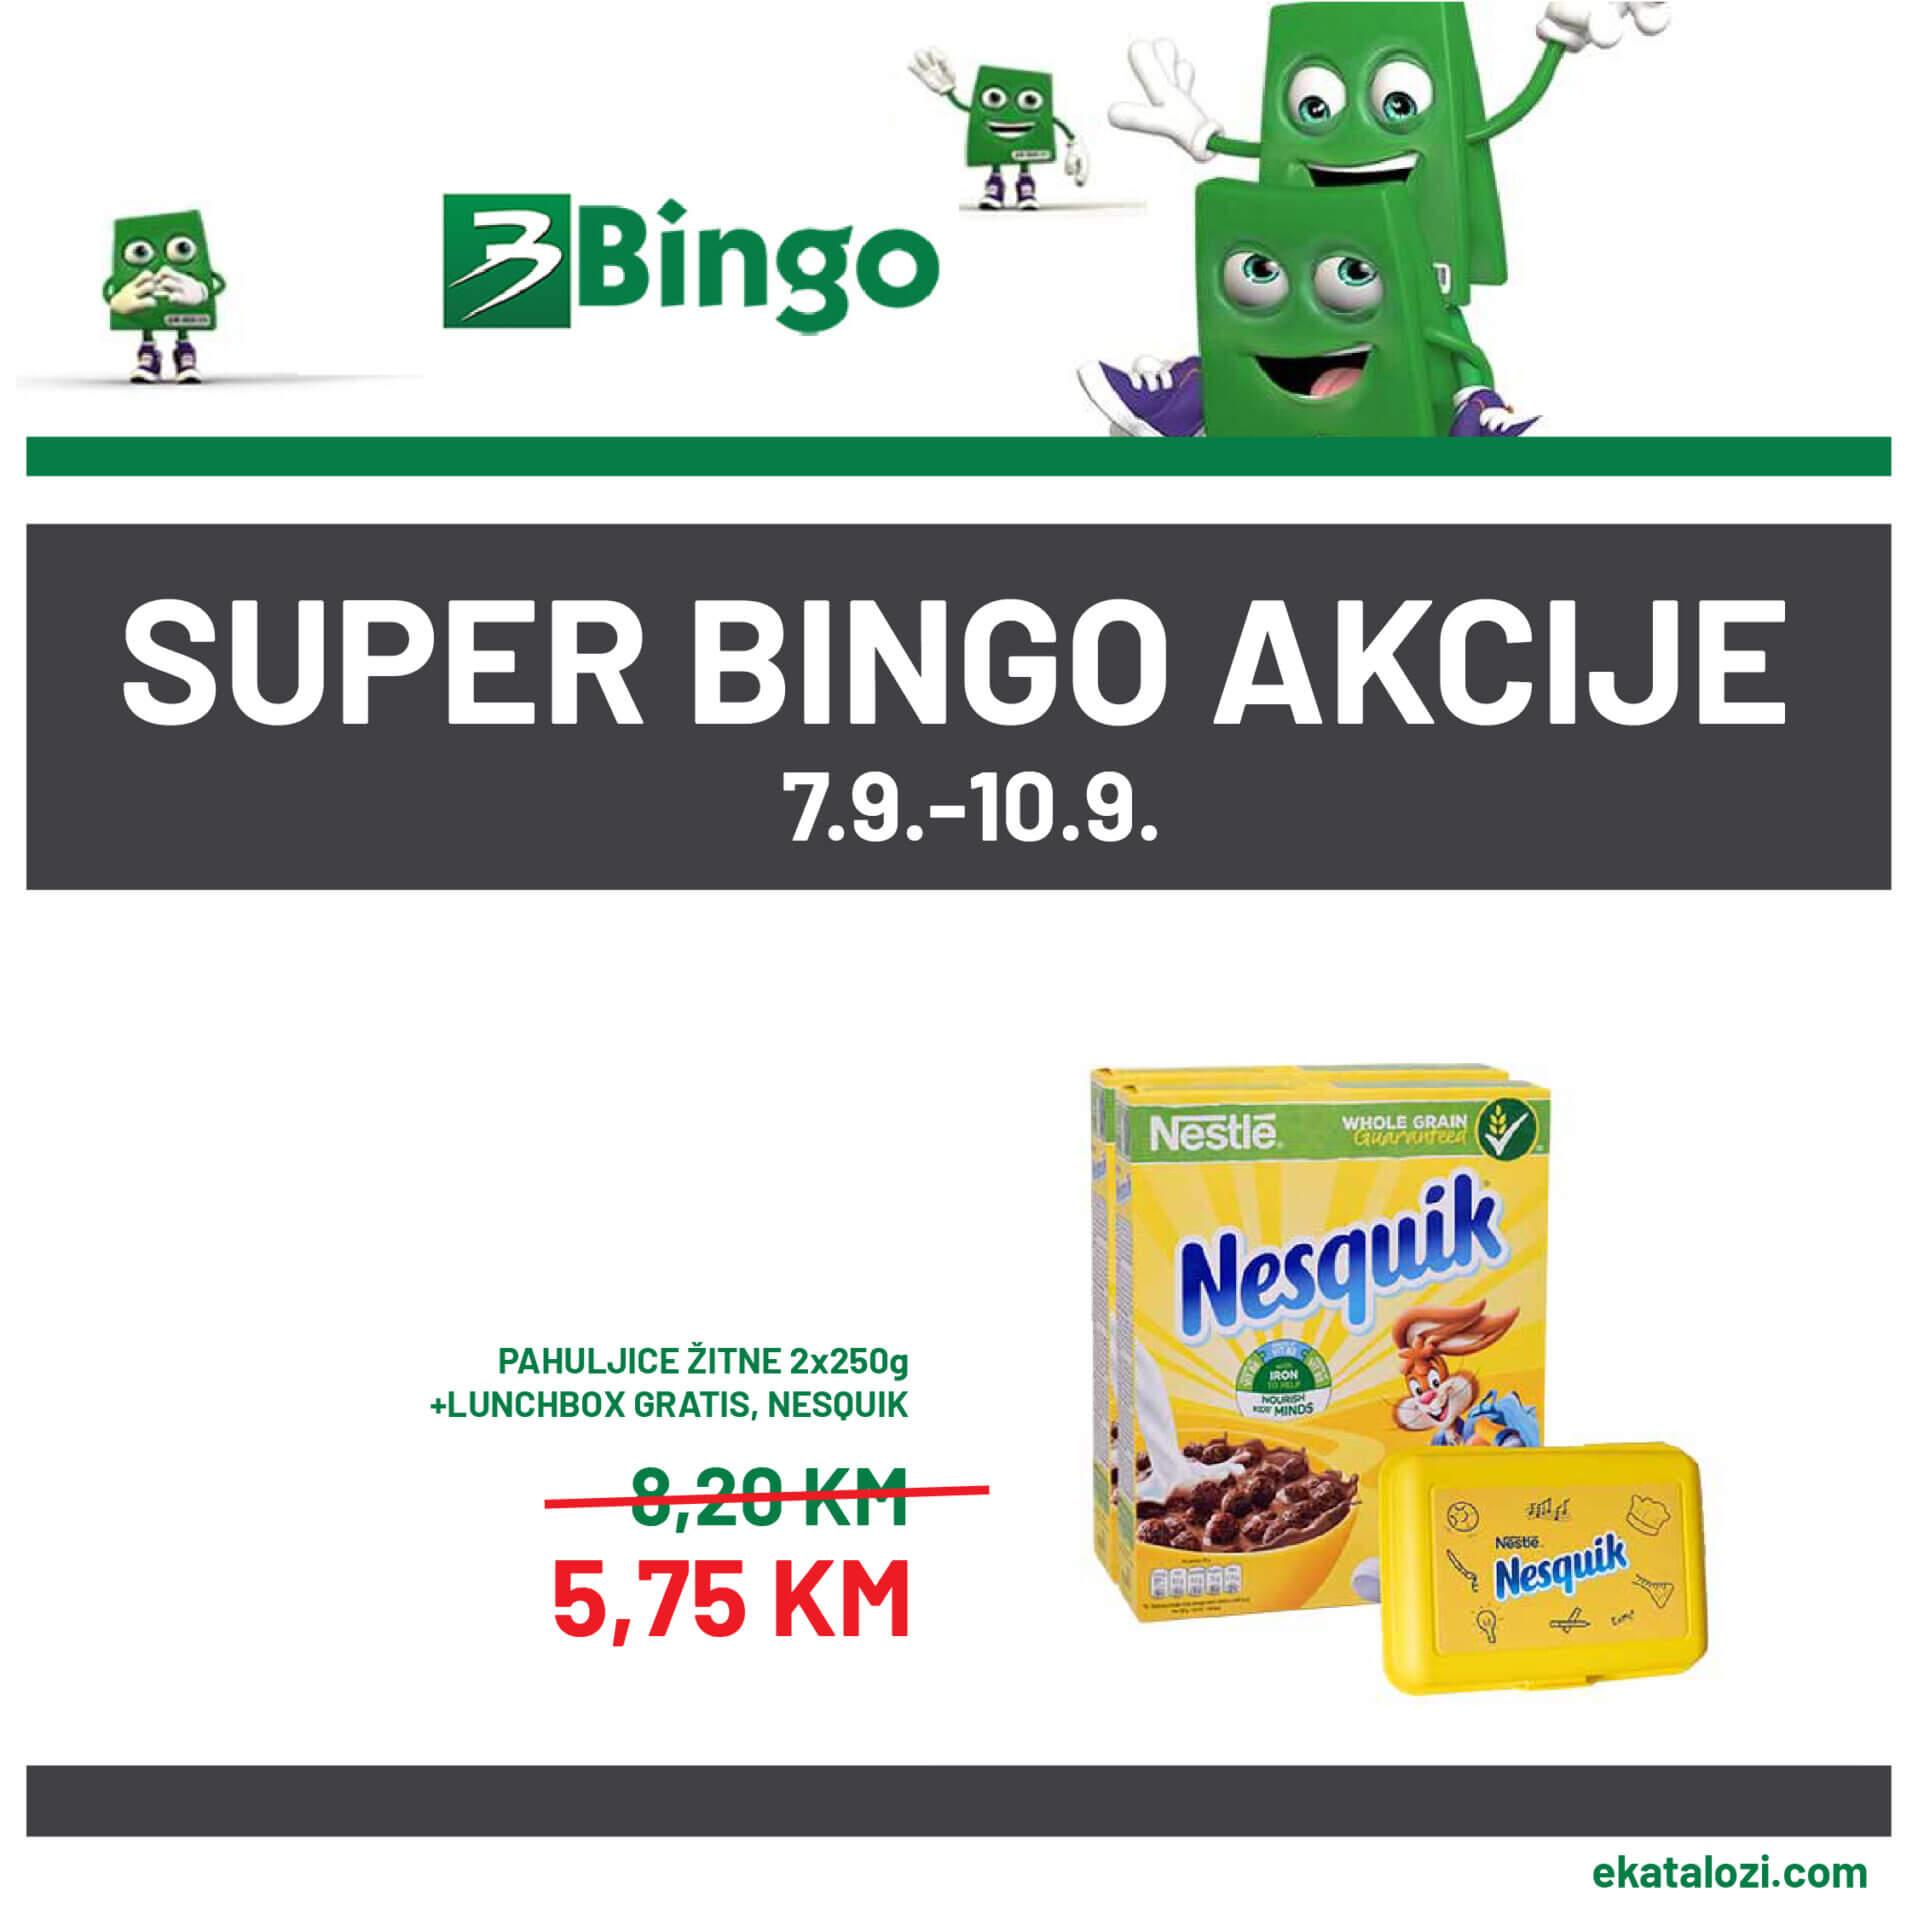 BINGO SUPER akcija SEPTEMBAR 2021 7.9.2021. 10.9 1 1